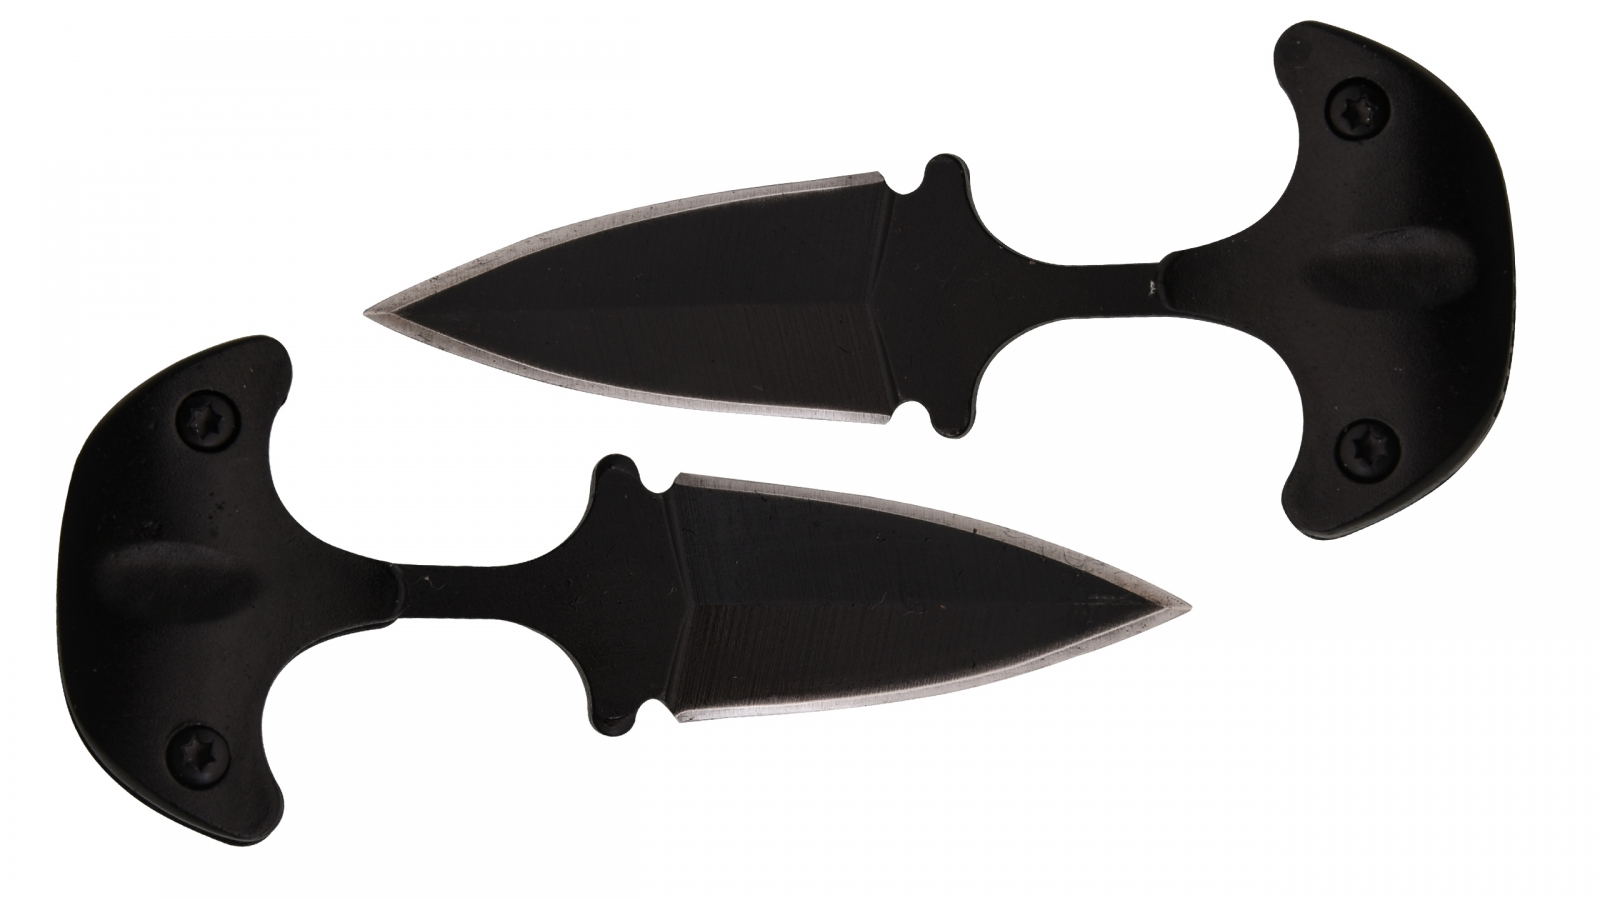 Тычковый нож в интернет-магазине